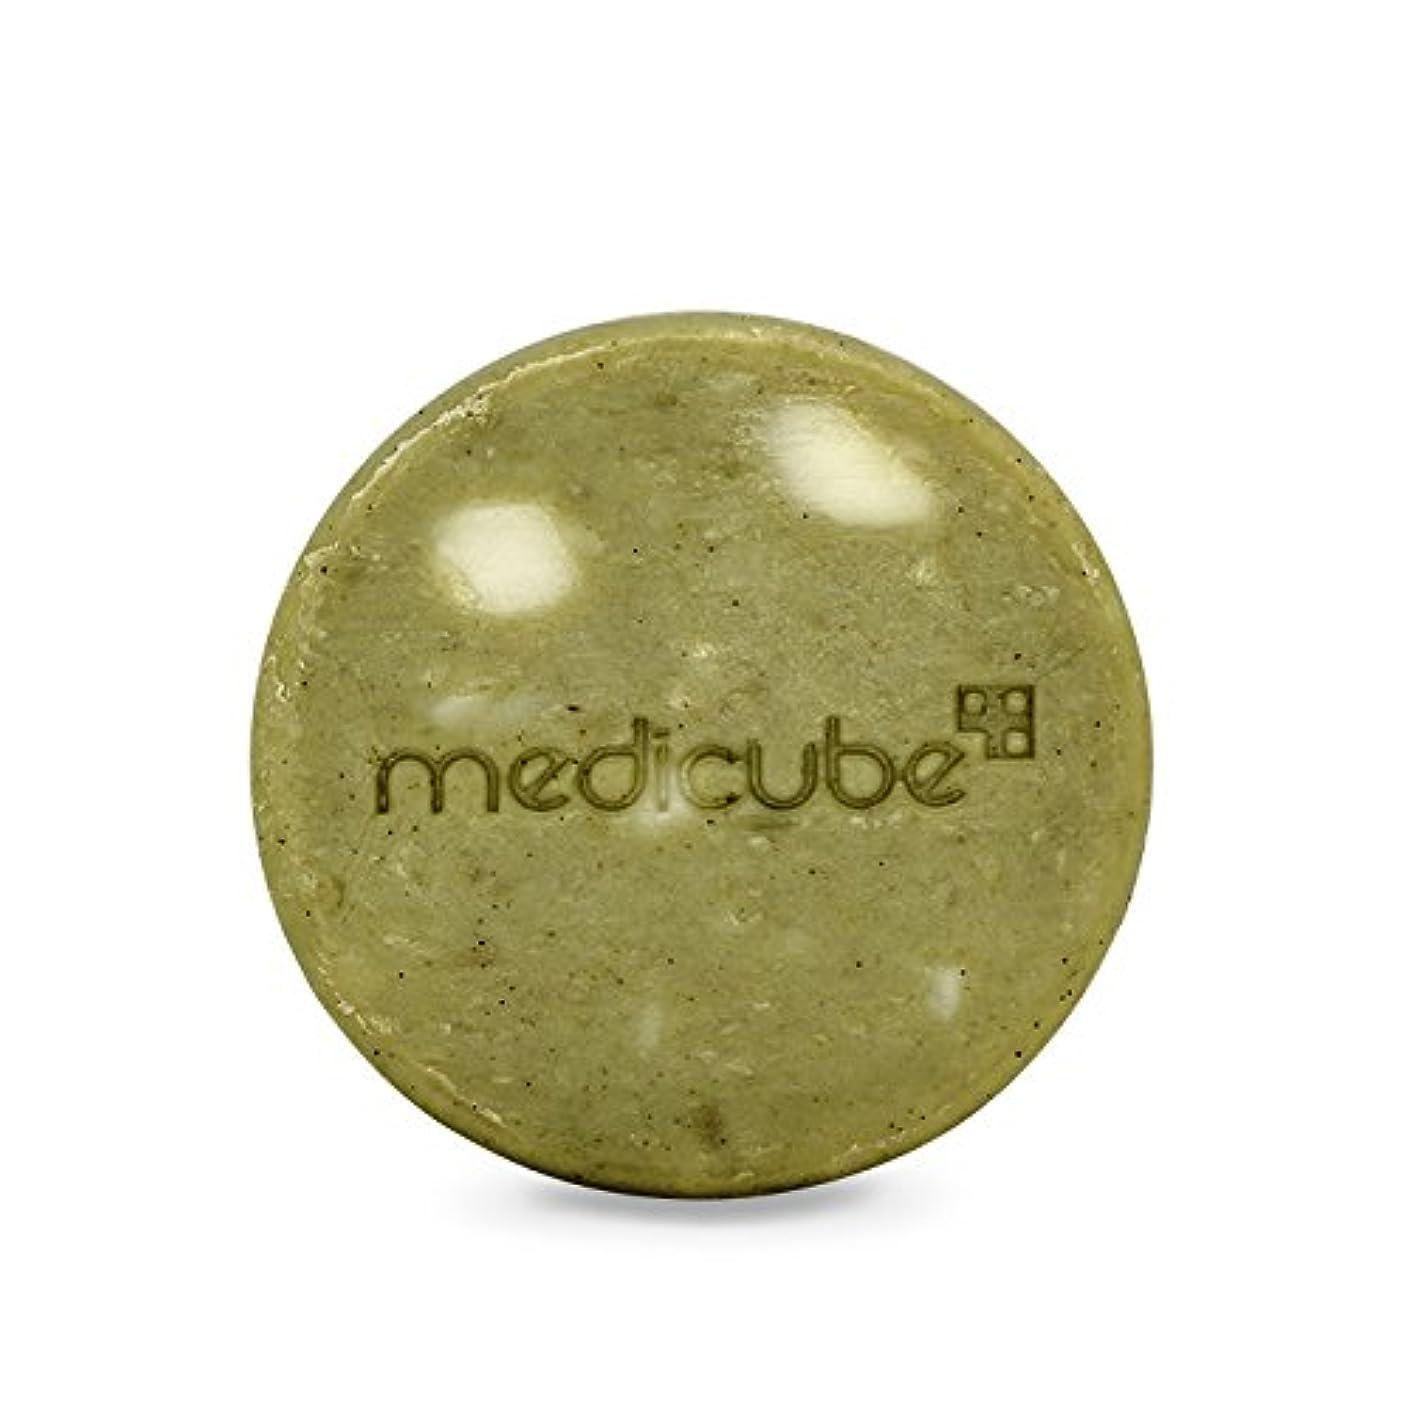 アデレード道開発[Medicube]Red Body Bar / メディキューブレッドボディバー / 正品?海外直送商品 [並行輸入品]